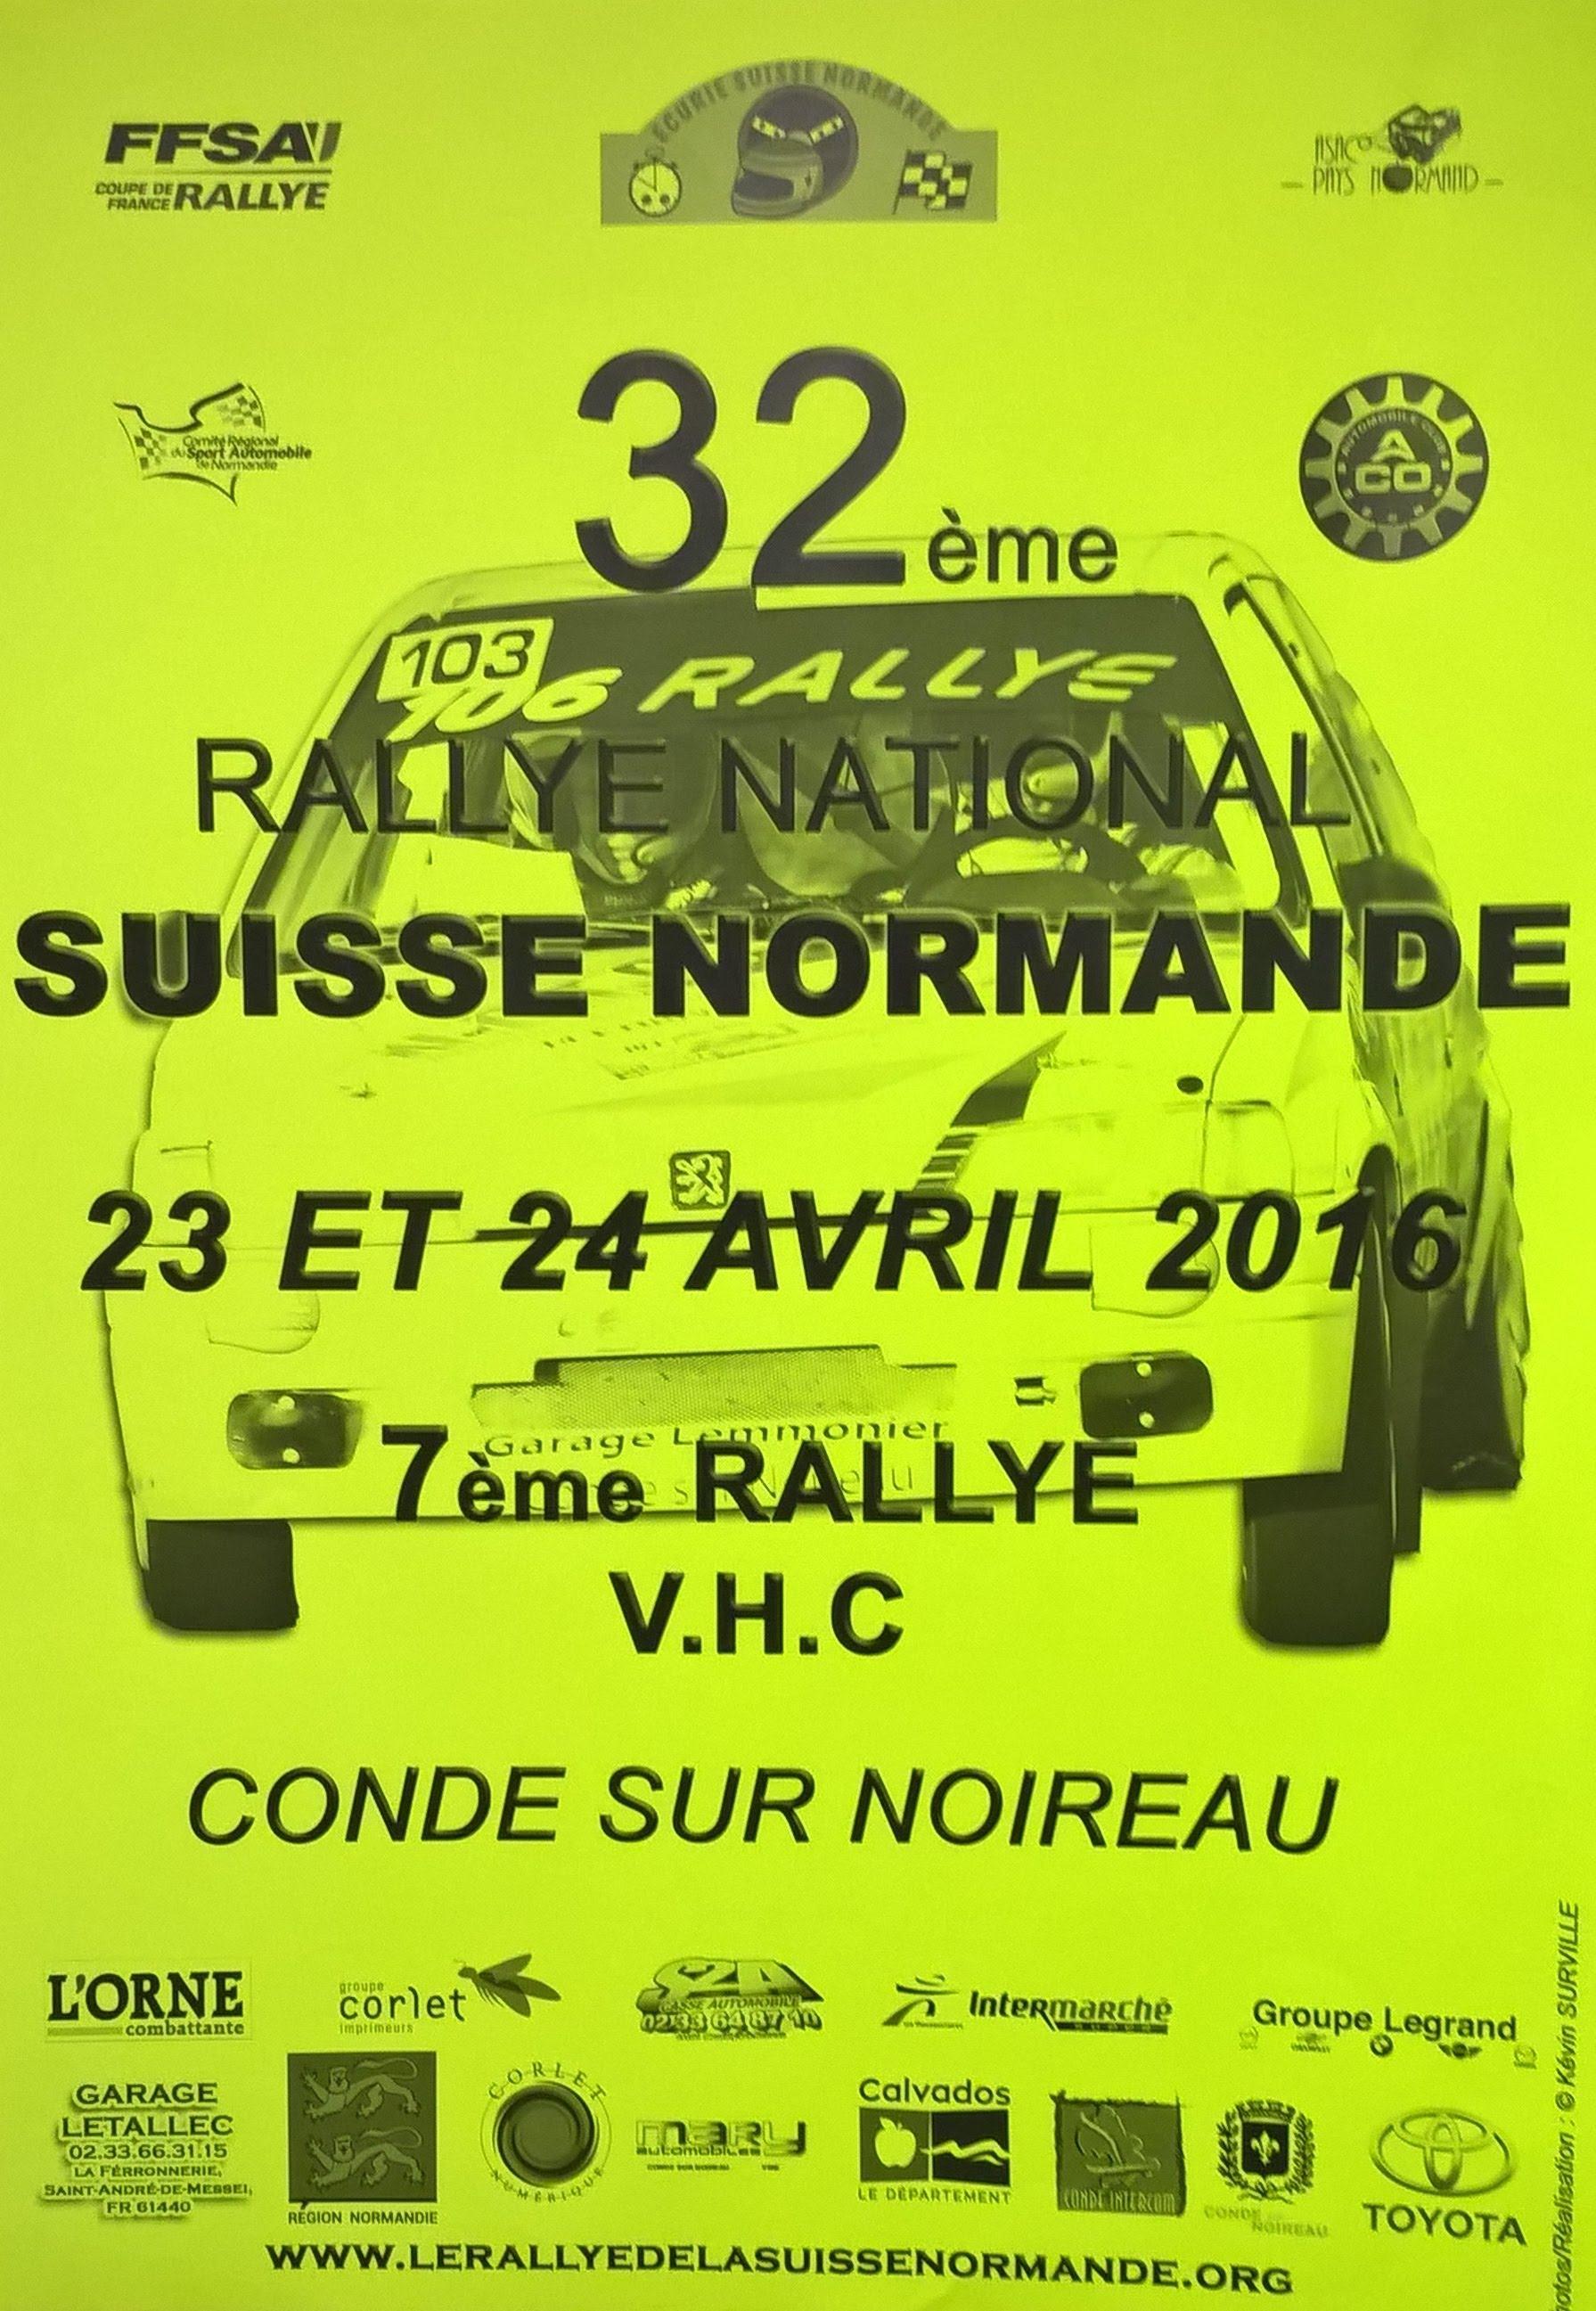 Rallye-de-la-Suisse-Normande-2016